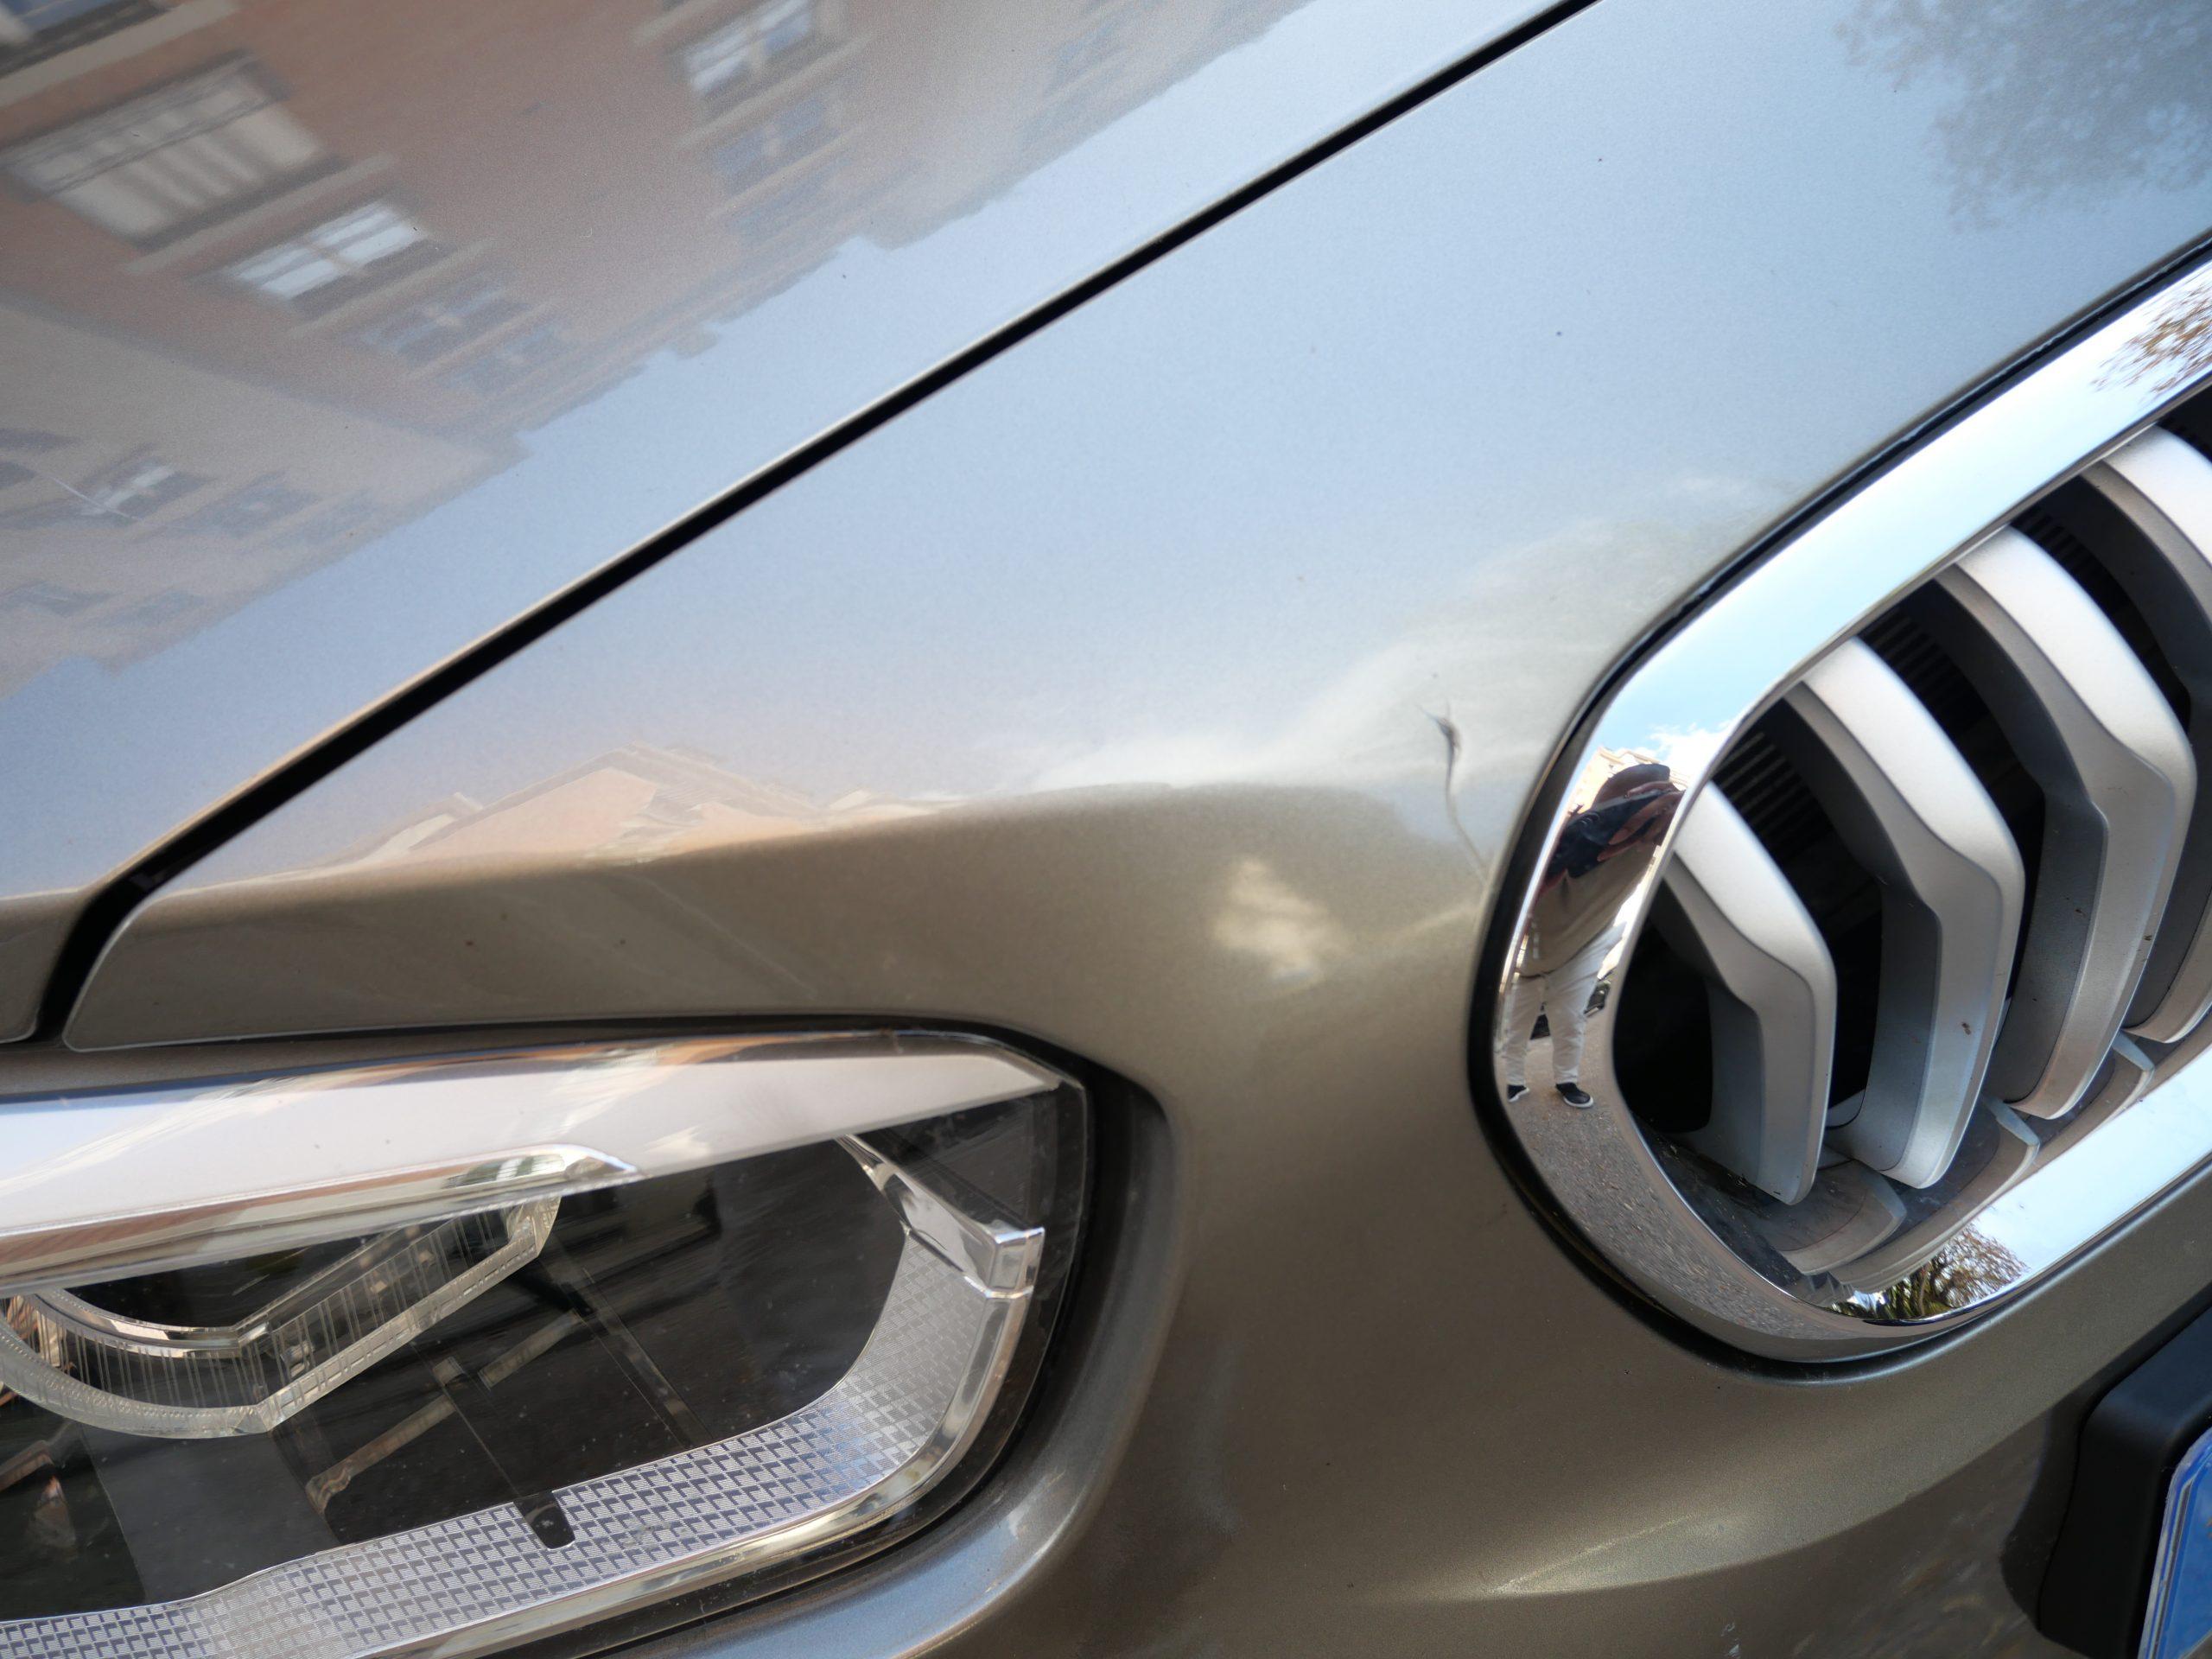 BMW Série 1 (F20) XDrive LCI 120d 2.0 d 190ch 22